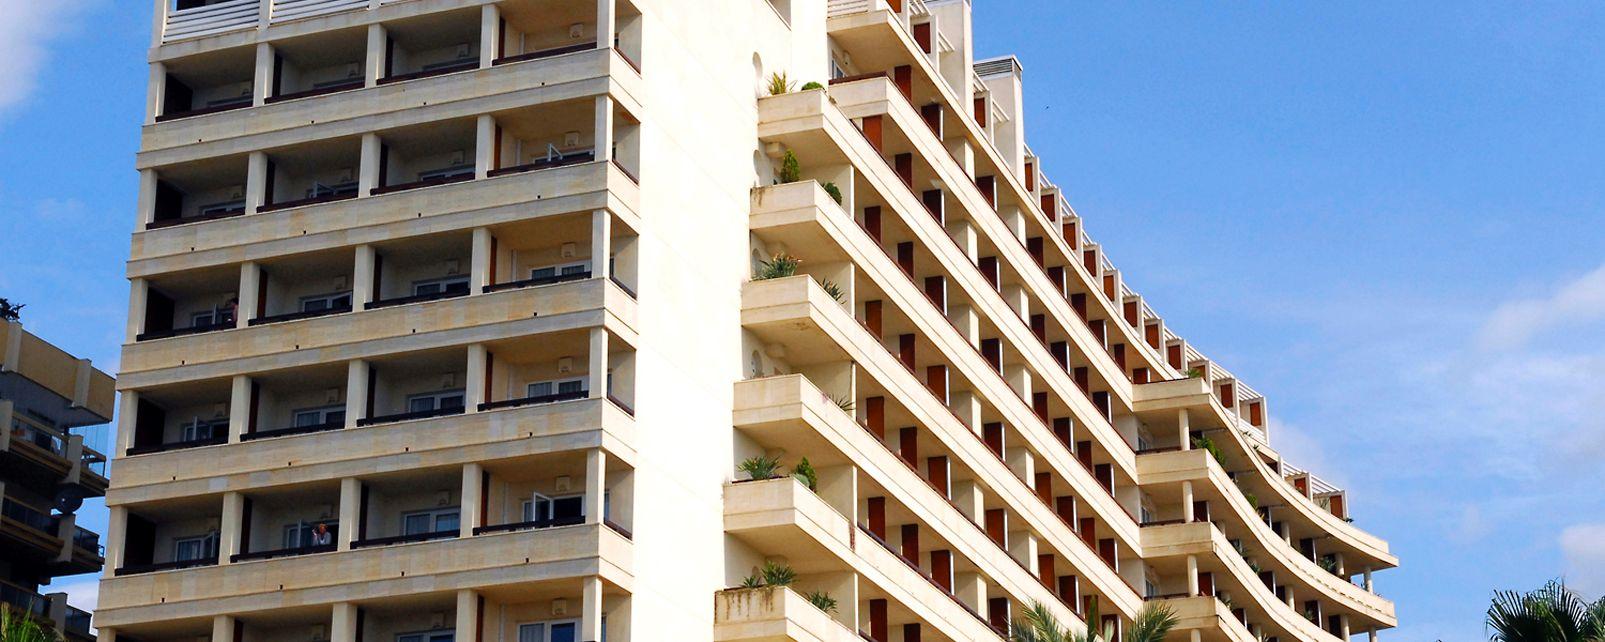 Hôtel El Fuerte